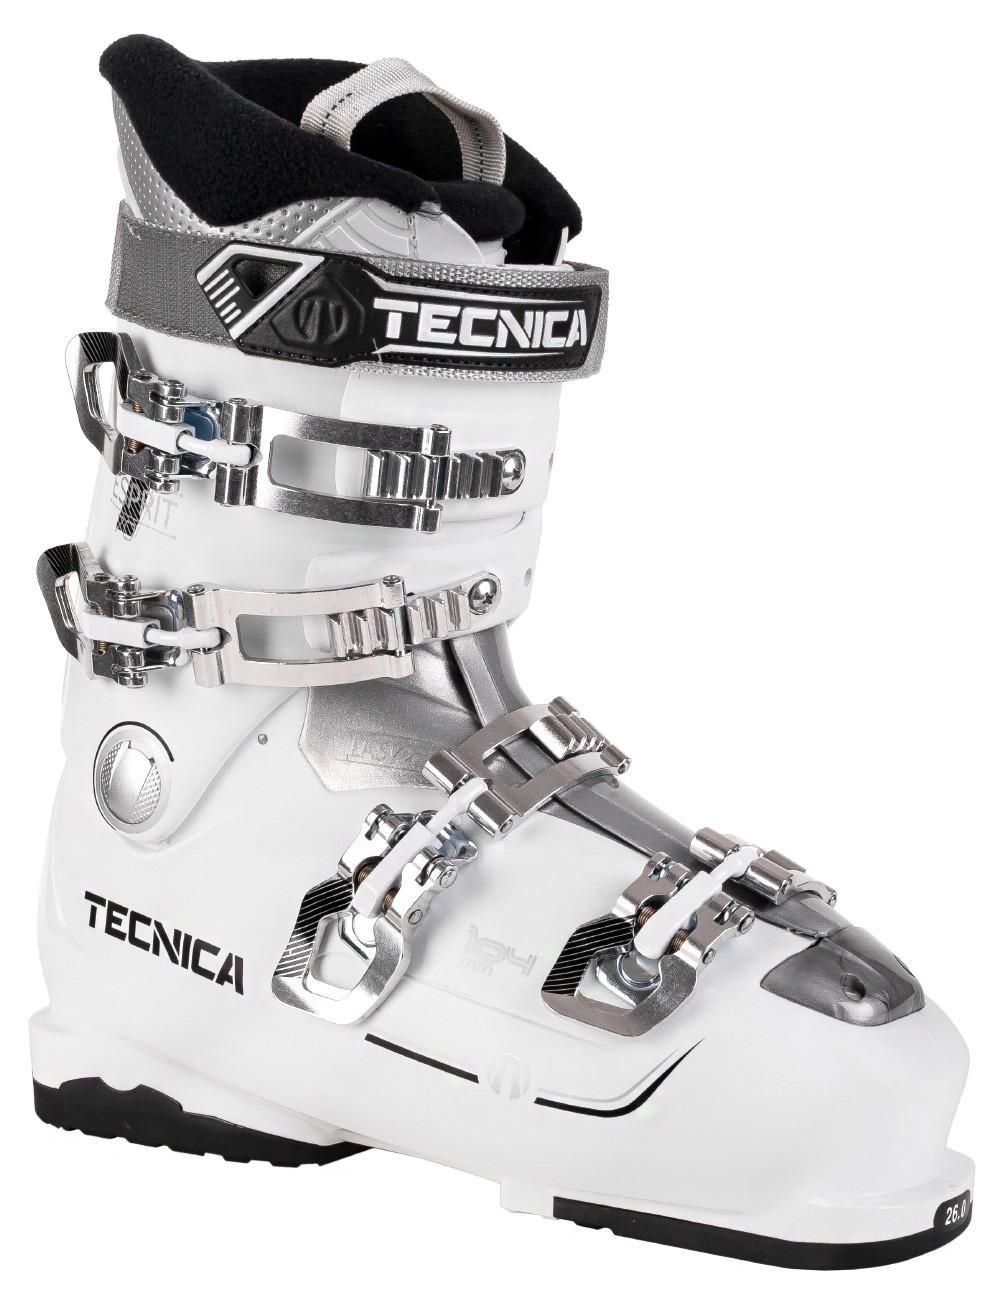 Buty narciarskie Tecnica Esprit 70